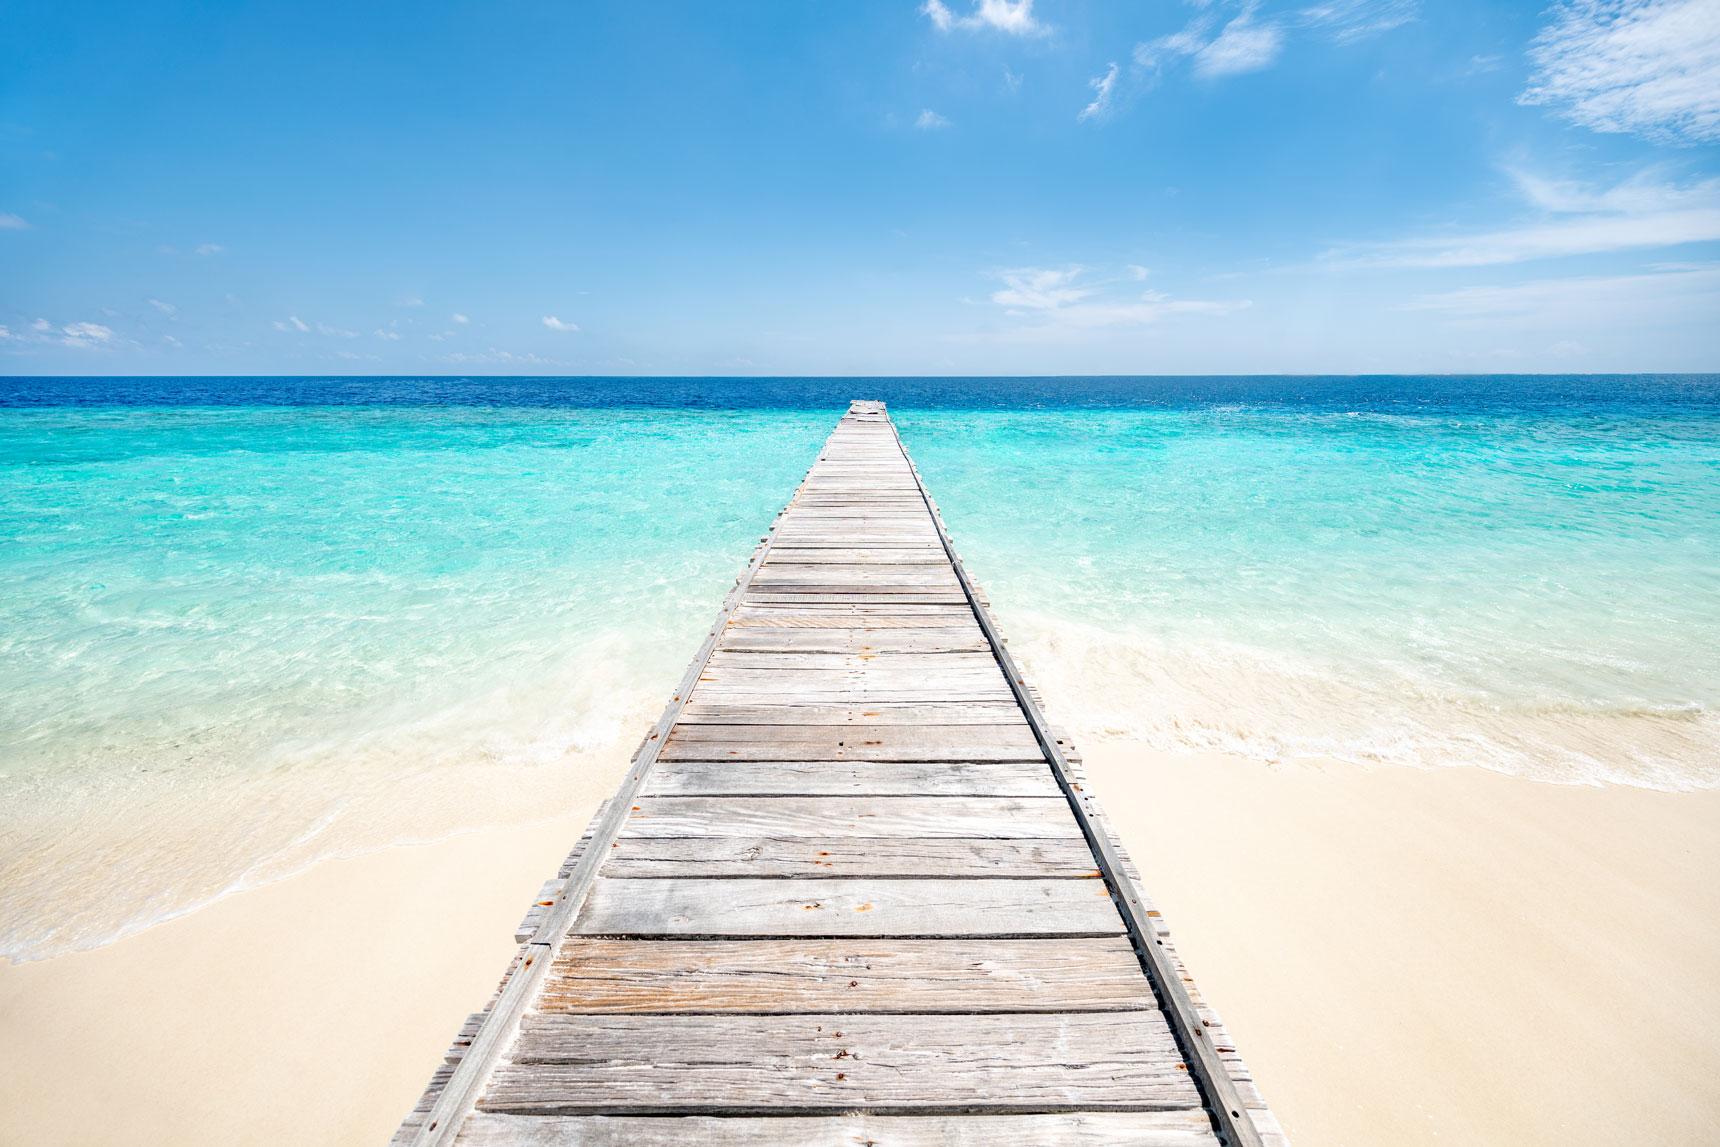 Ein Bootssteg führt vom weissen Sandstrand aufs tuerkisblaue Meer.